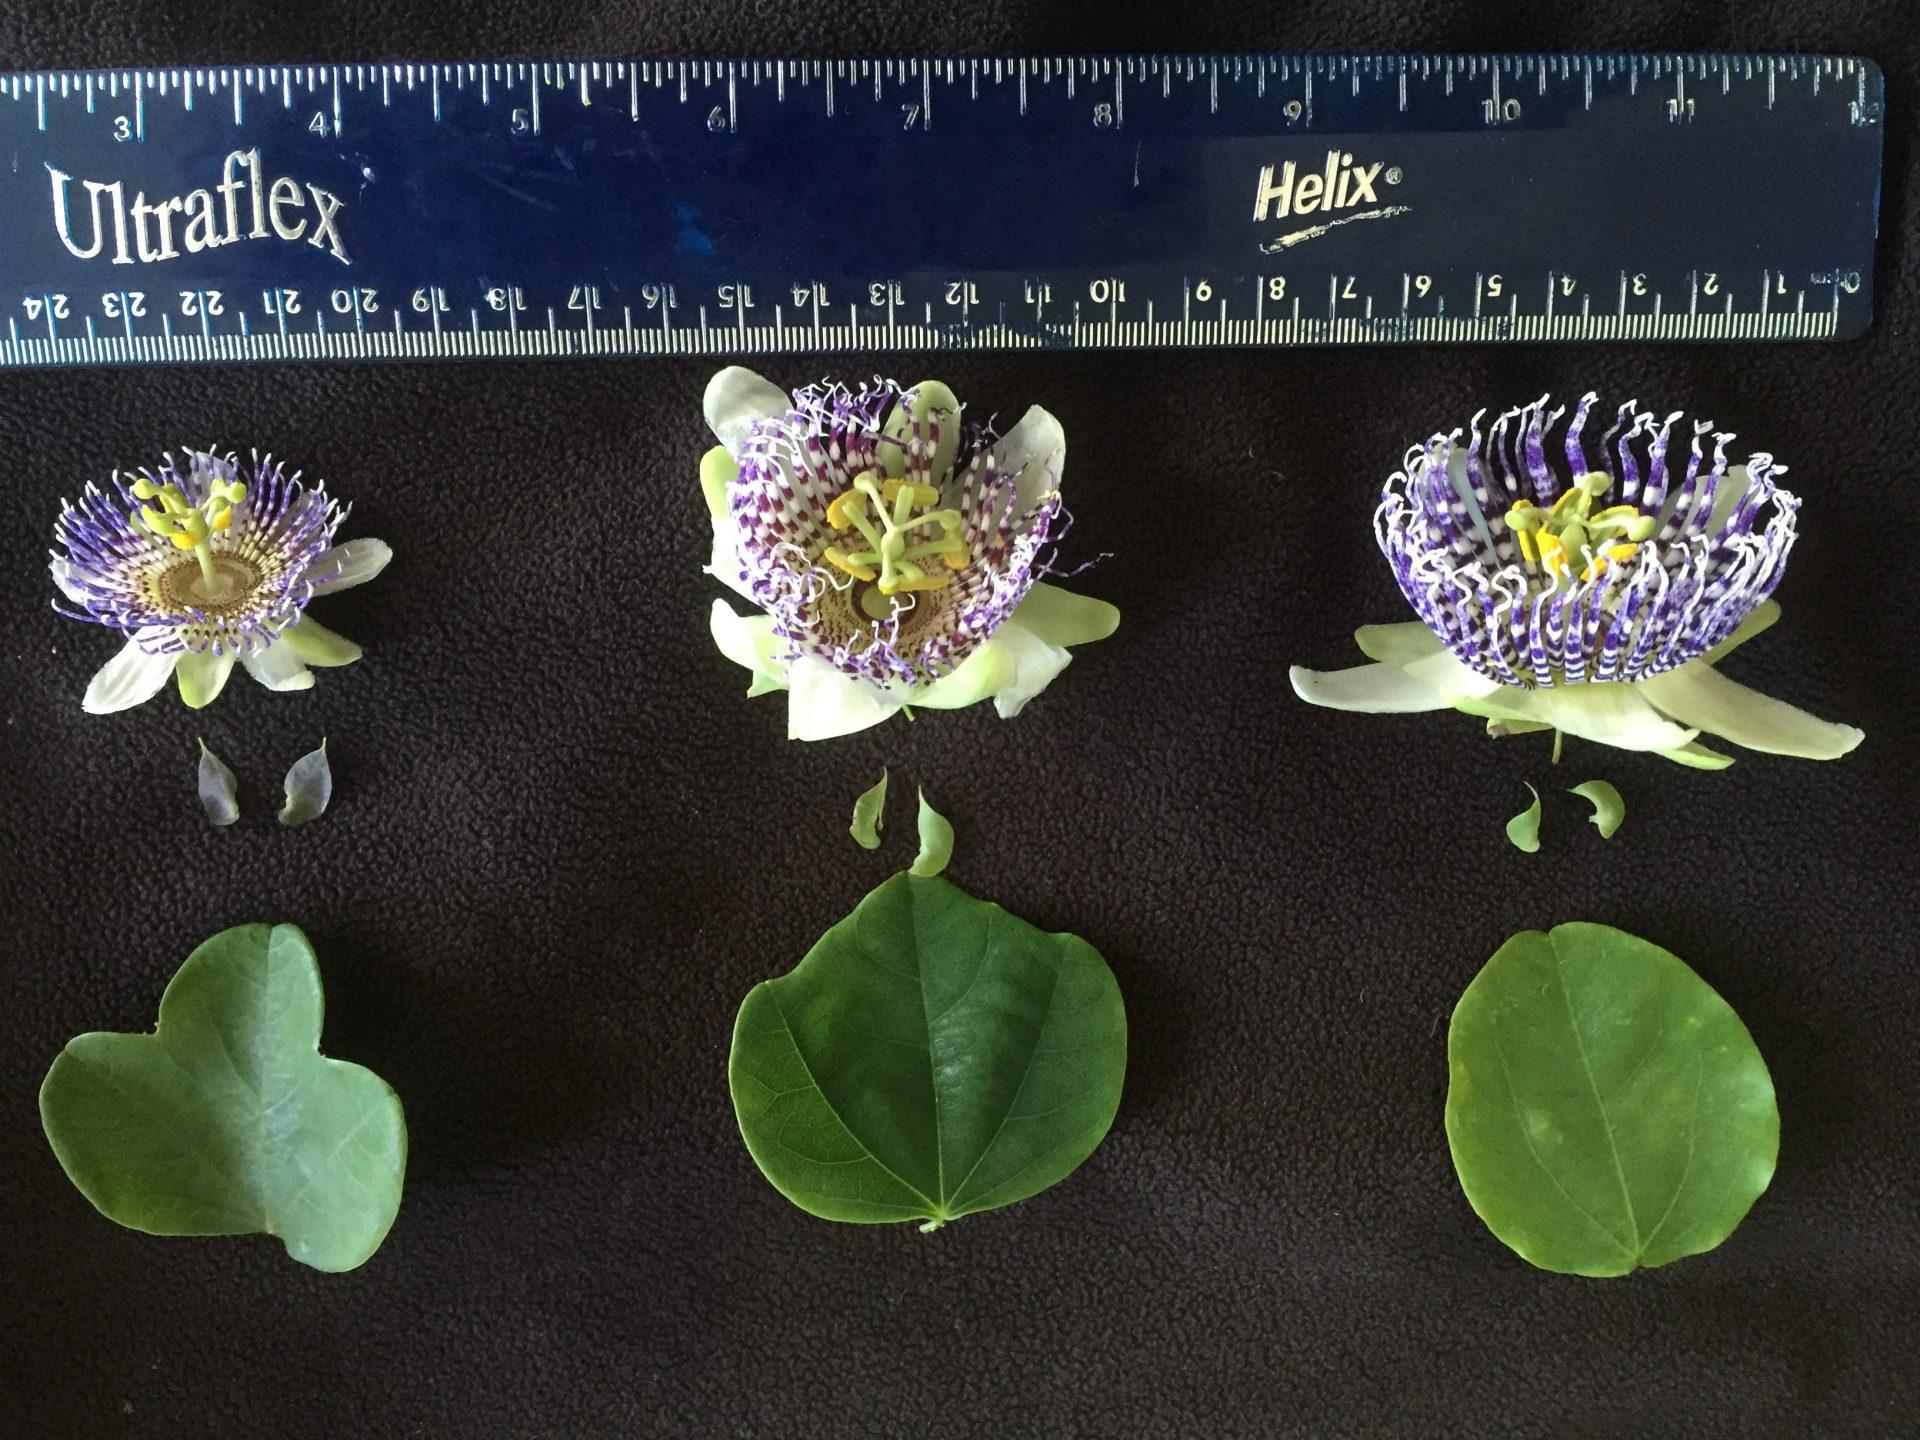 Passiflora sidifolia comparison